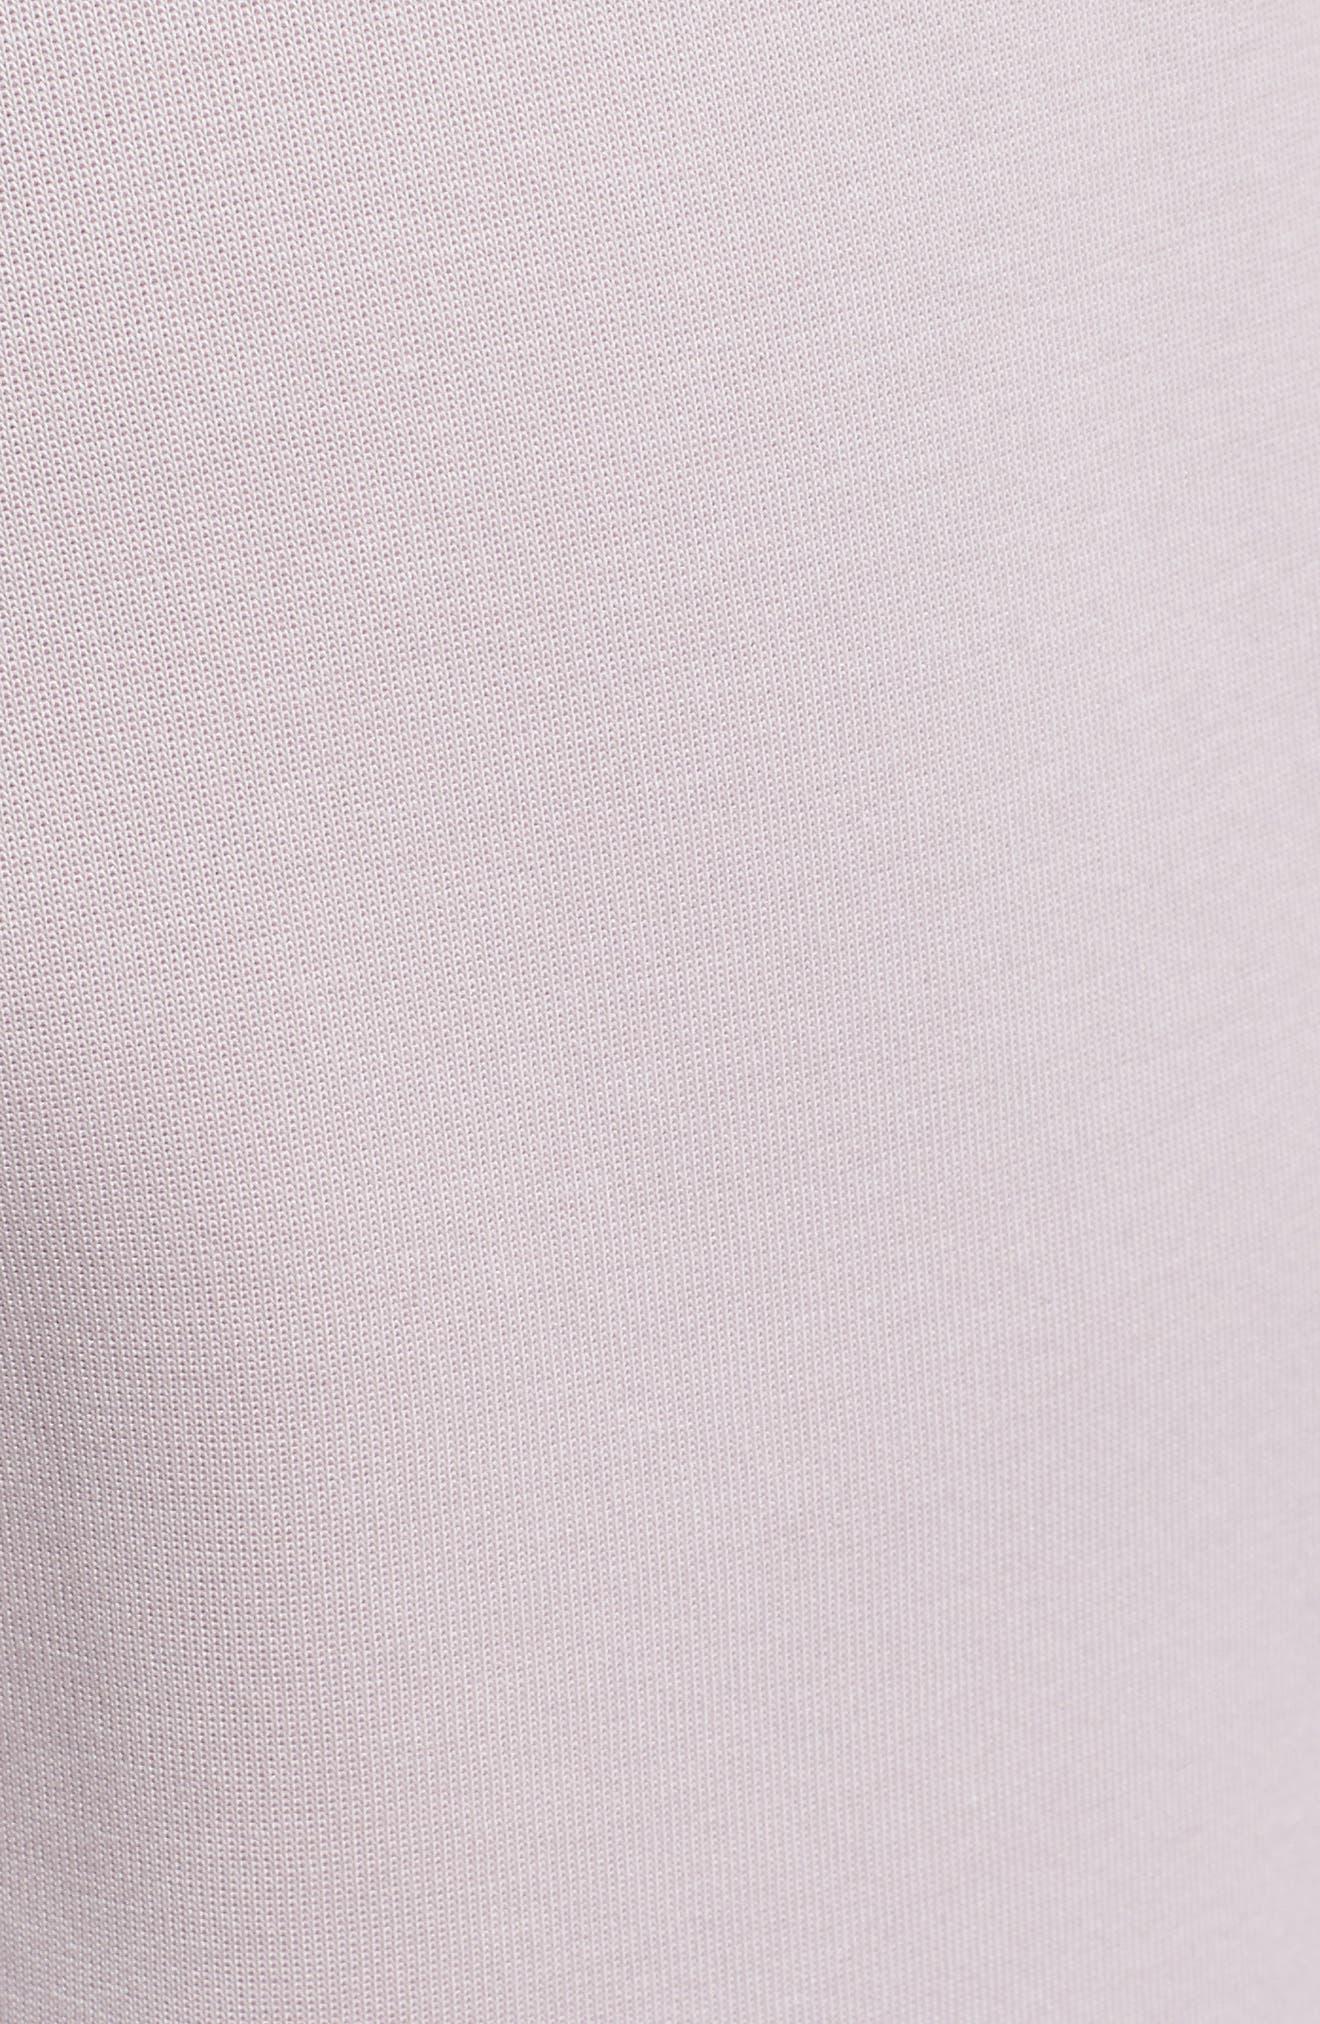 NSW Tech Fleece Shorts,                             Alternate thumbnail 15, color,